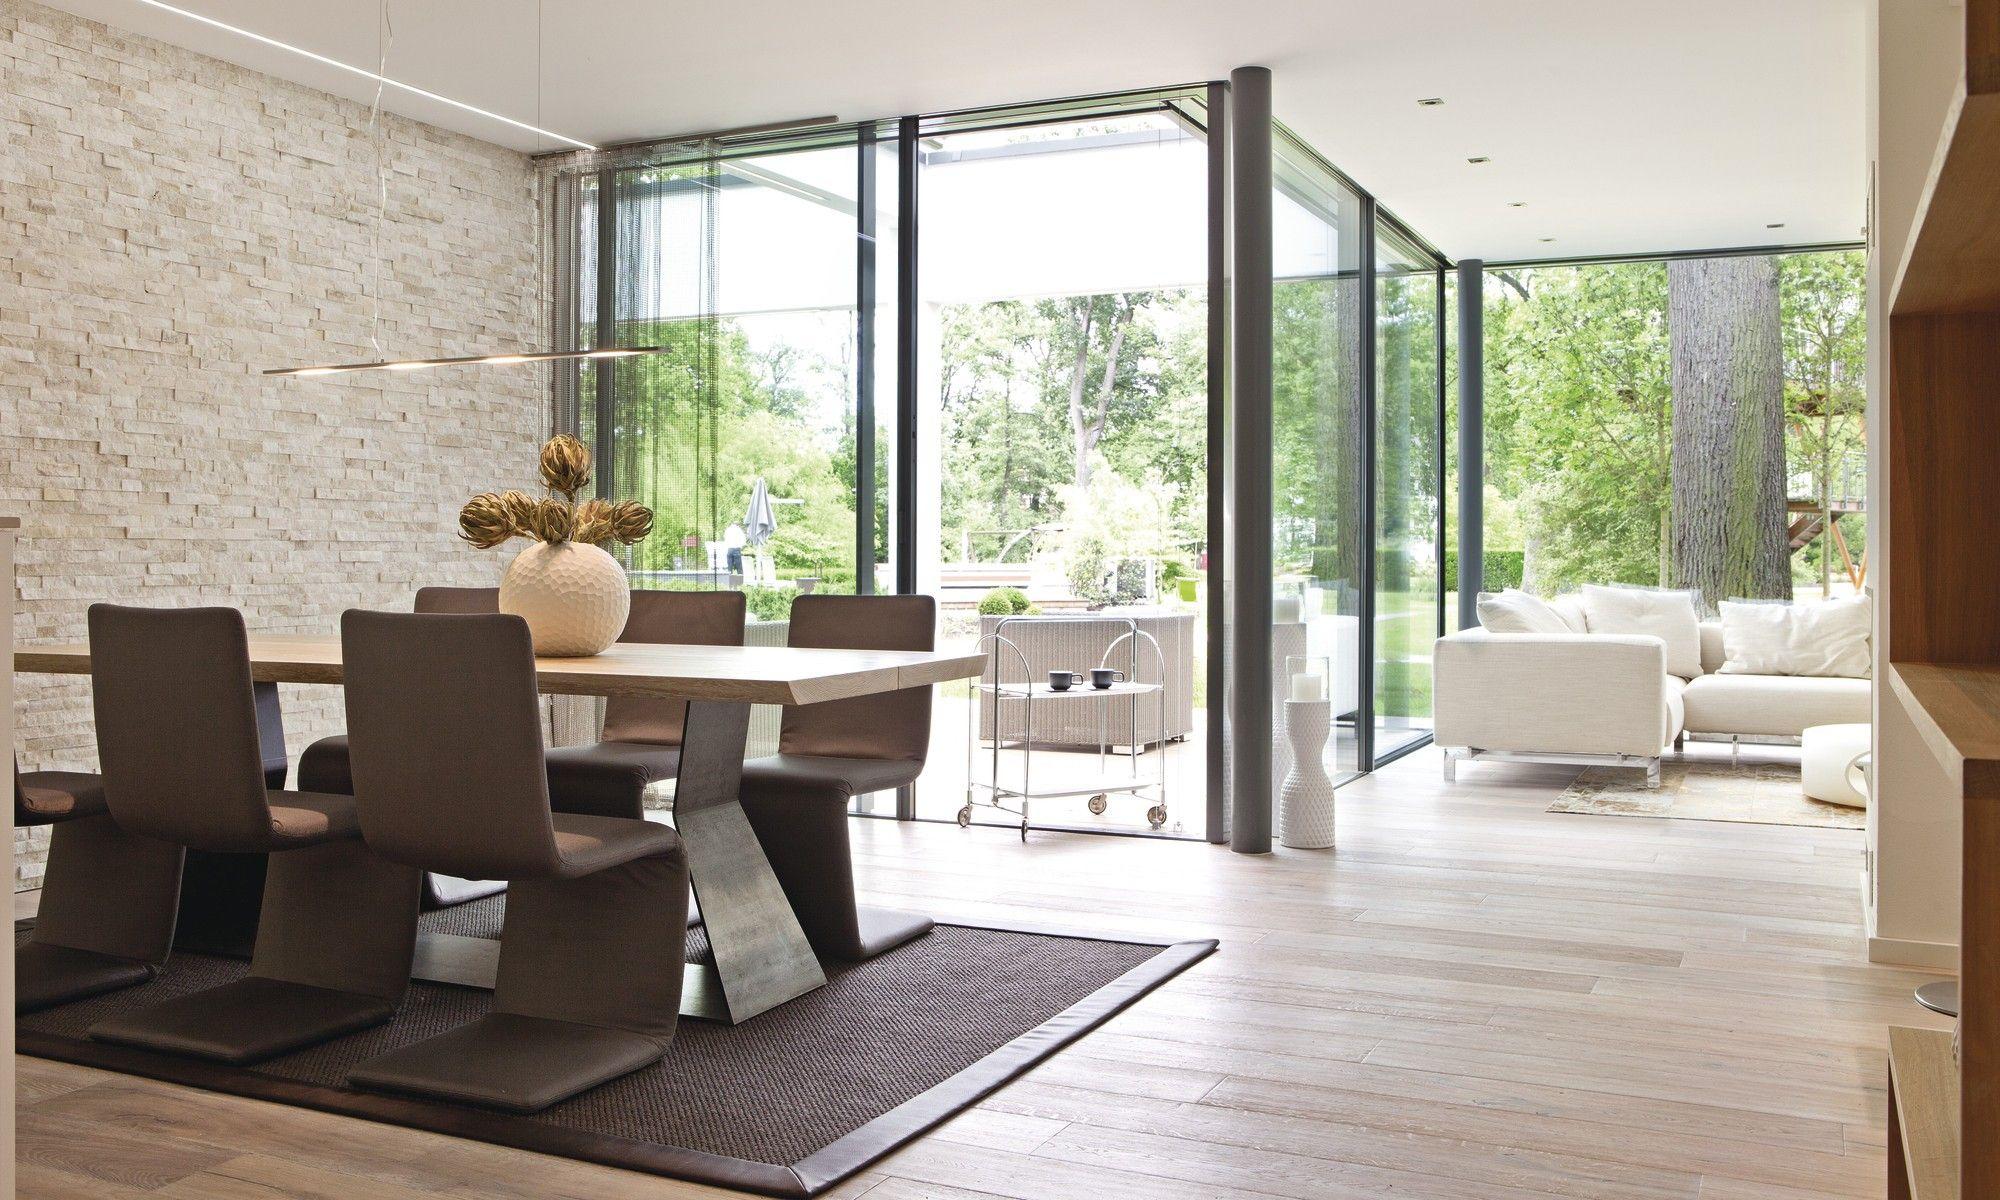 Hausdetailansicht   Haus   Pinterest   Modern